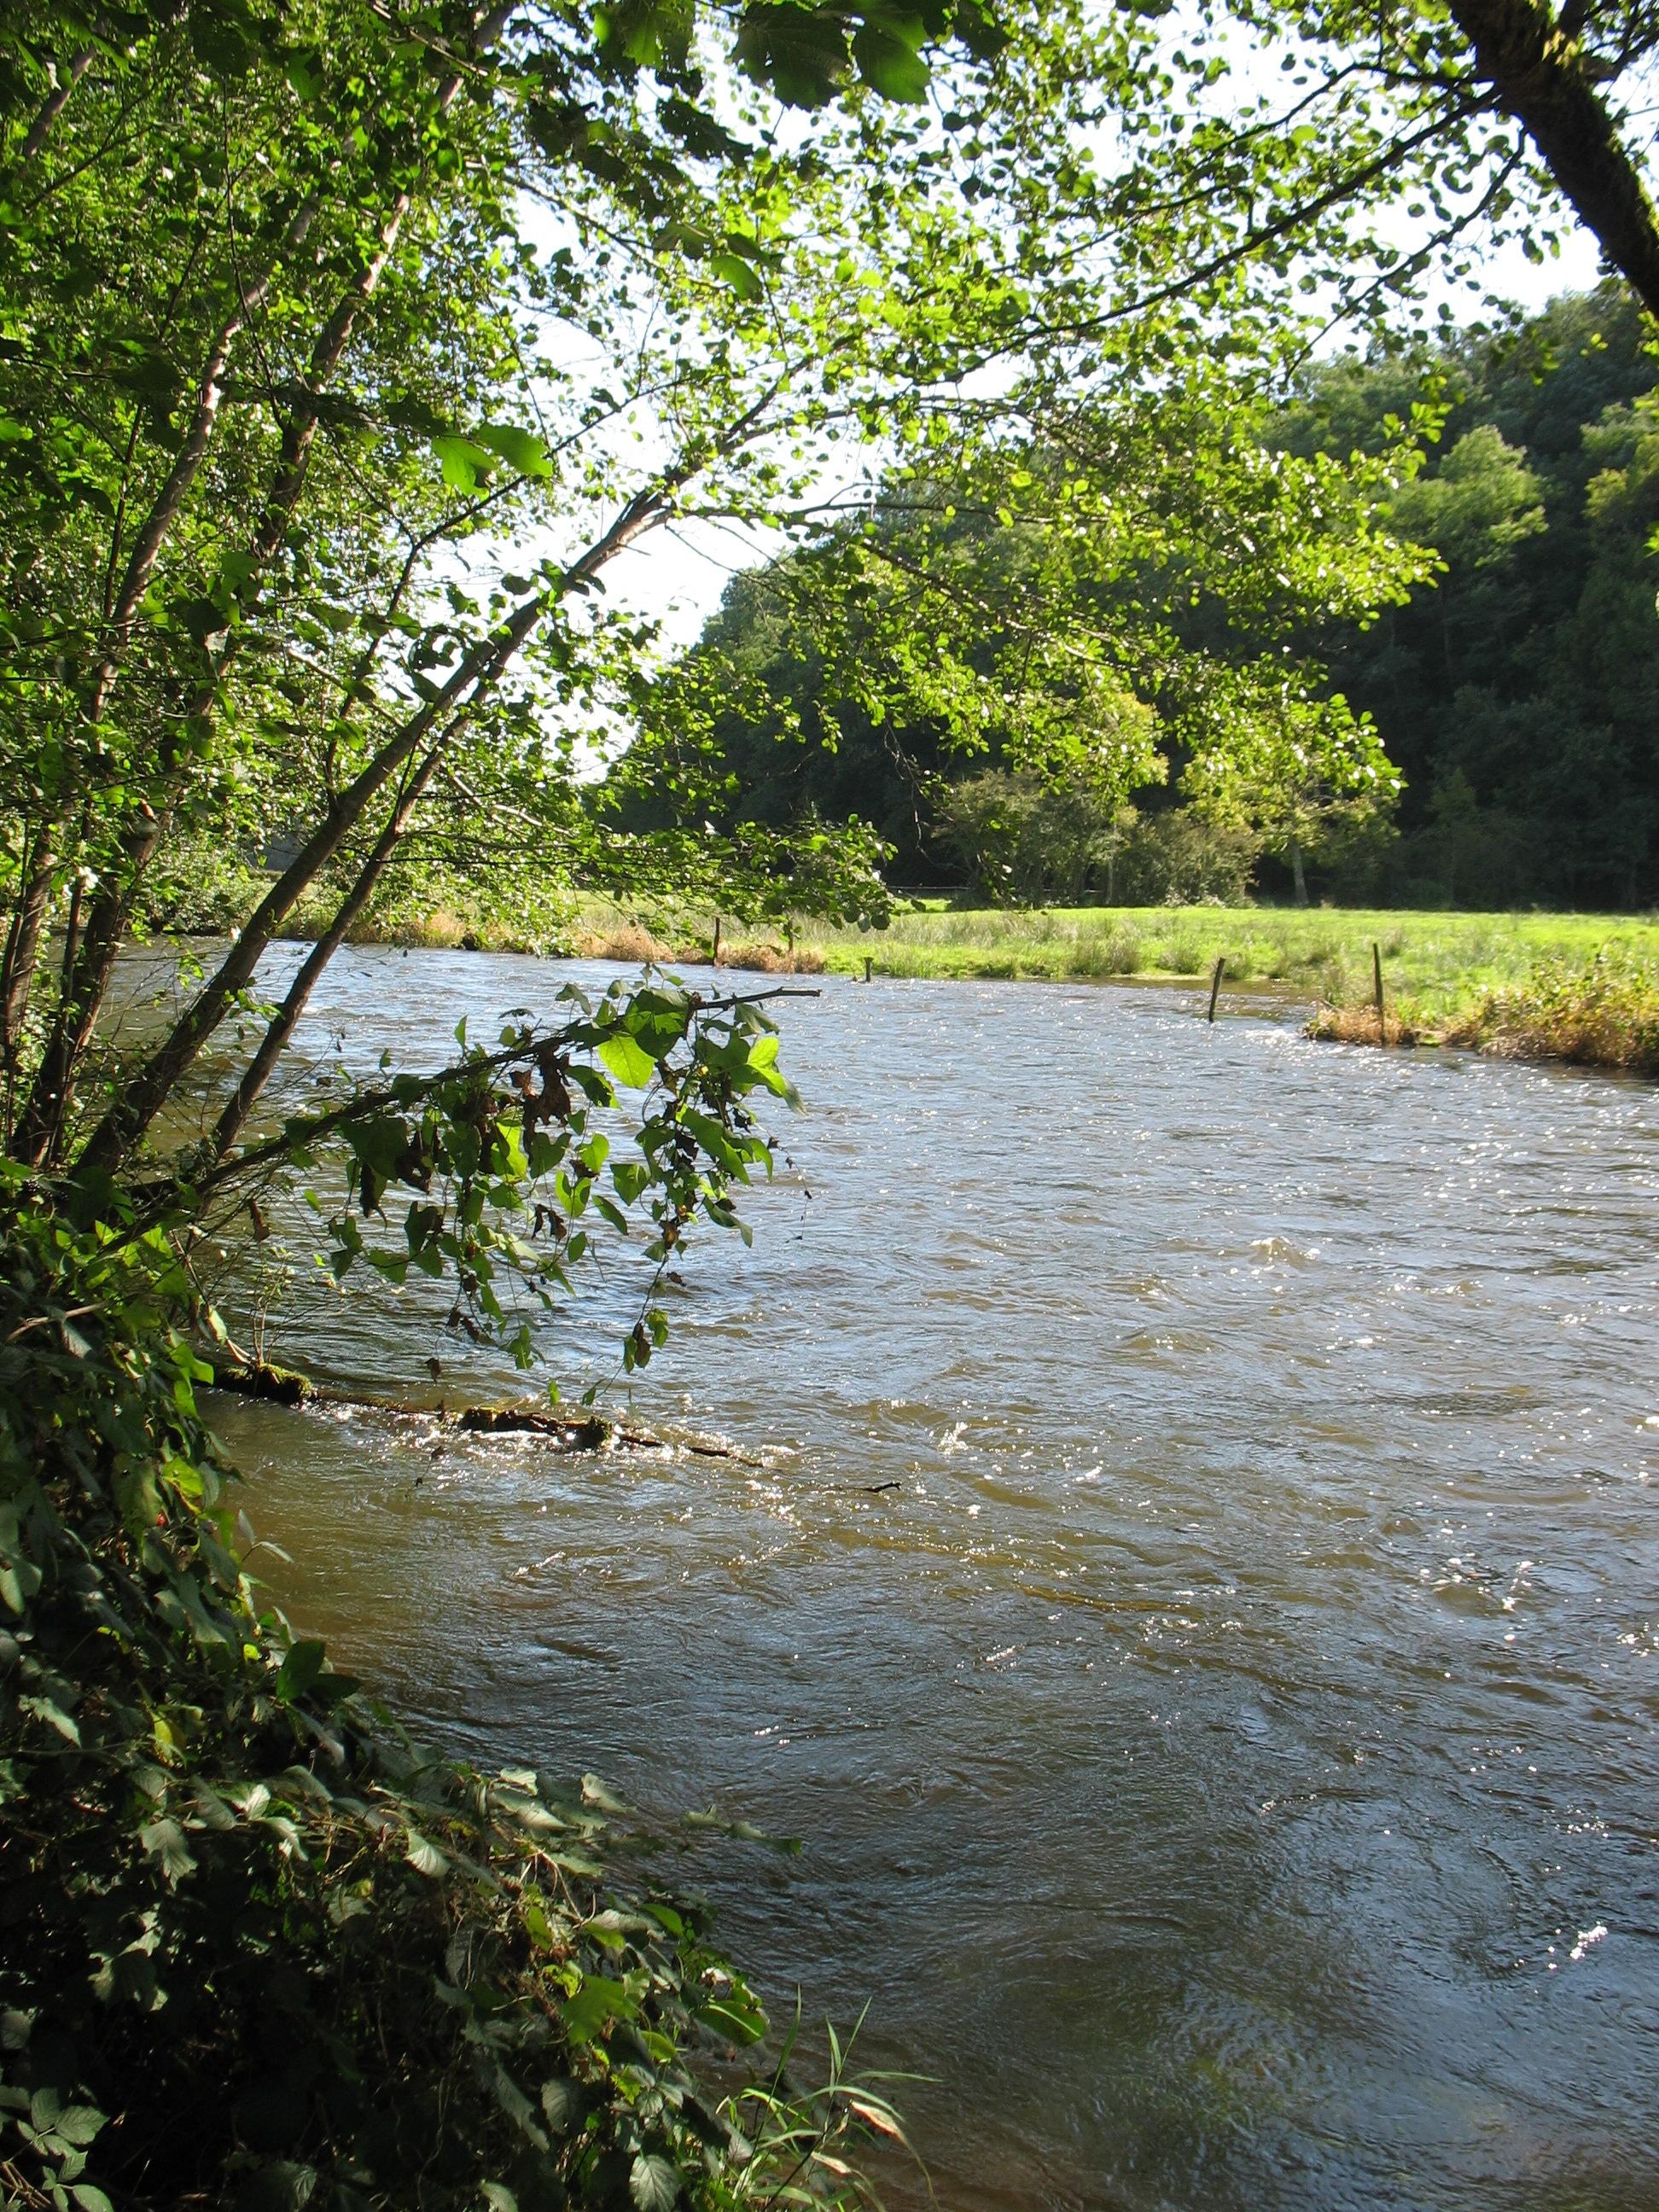 Yonne (rivière) » défini et expliqué aux enfants par les enfants